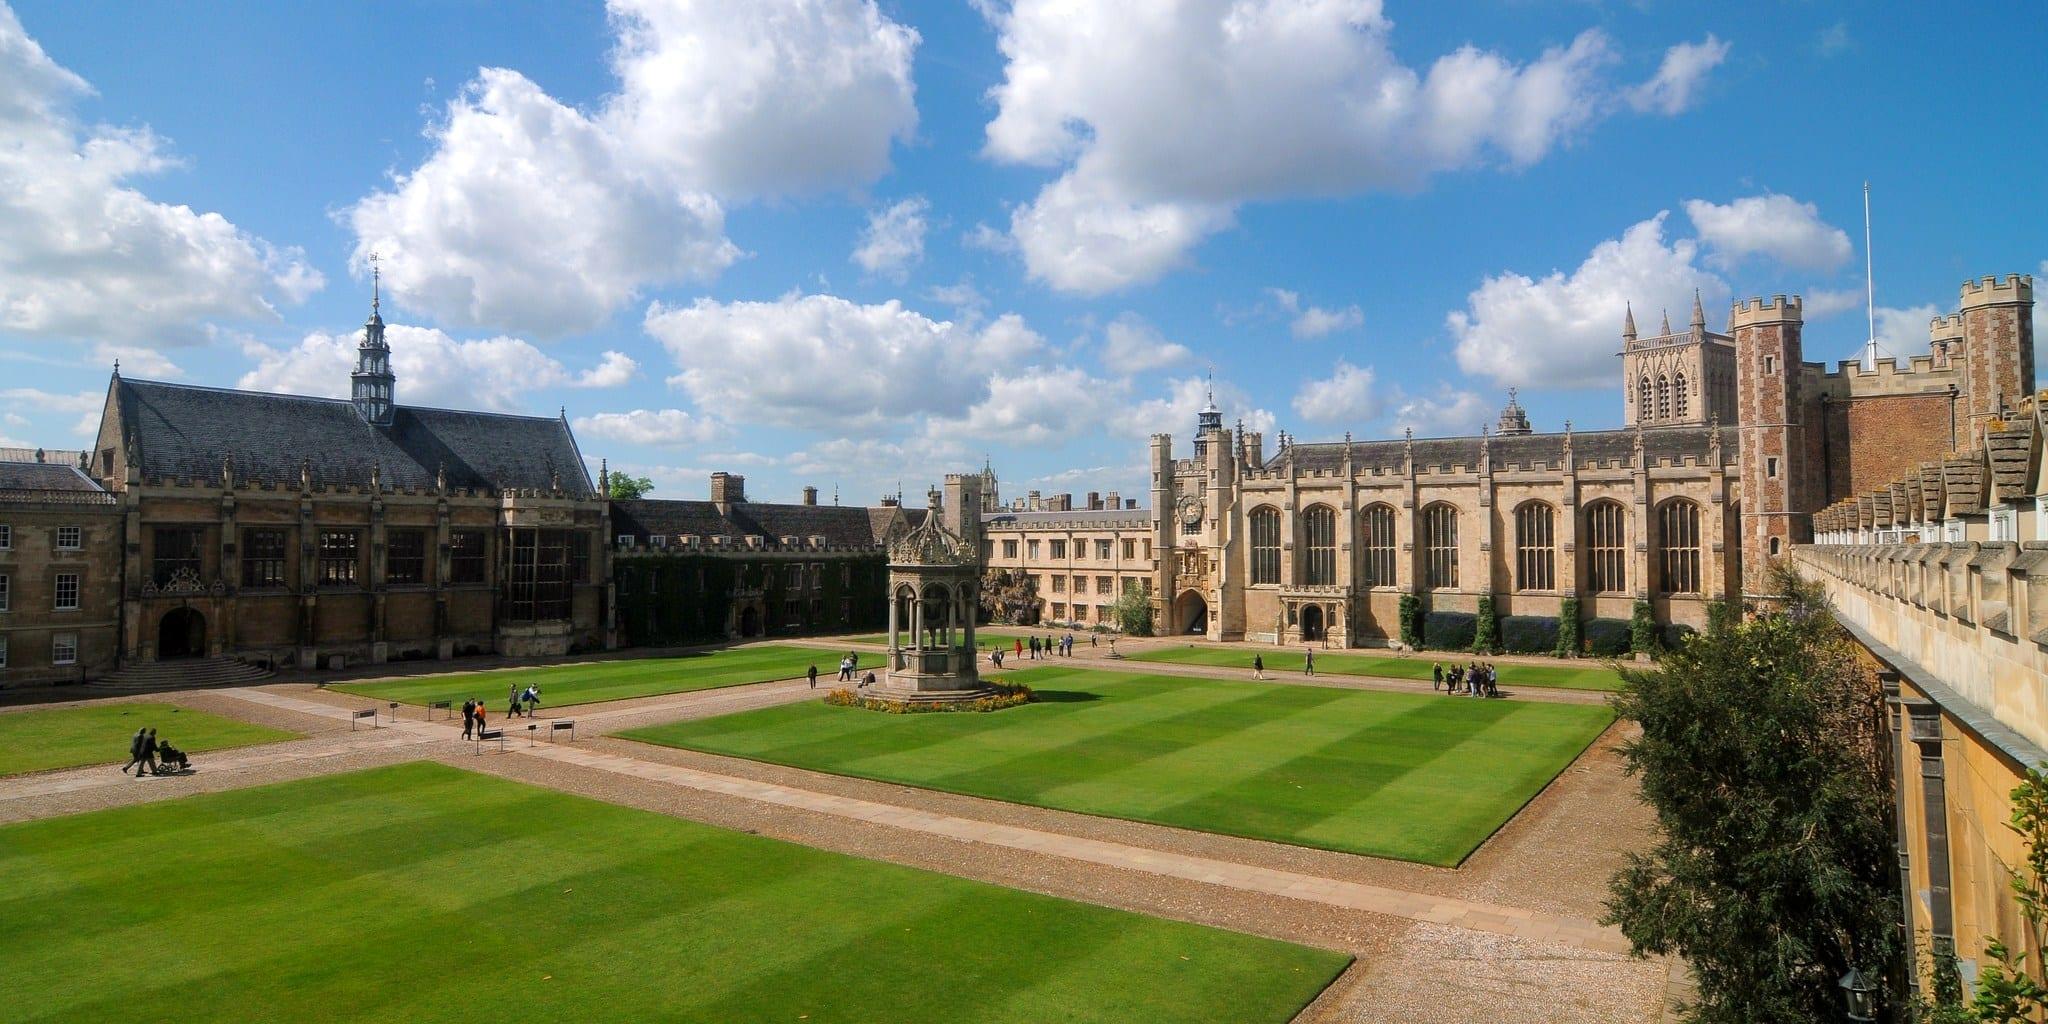 Trabajo en Inglaterra: Trinity College Cambridge españoles viven, trabajan y estudian en Cambridge reino unido